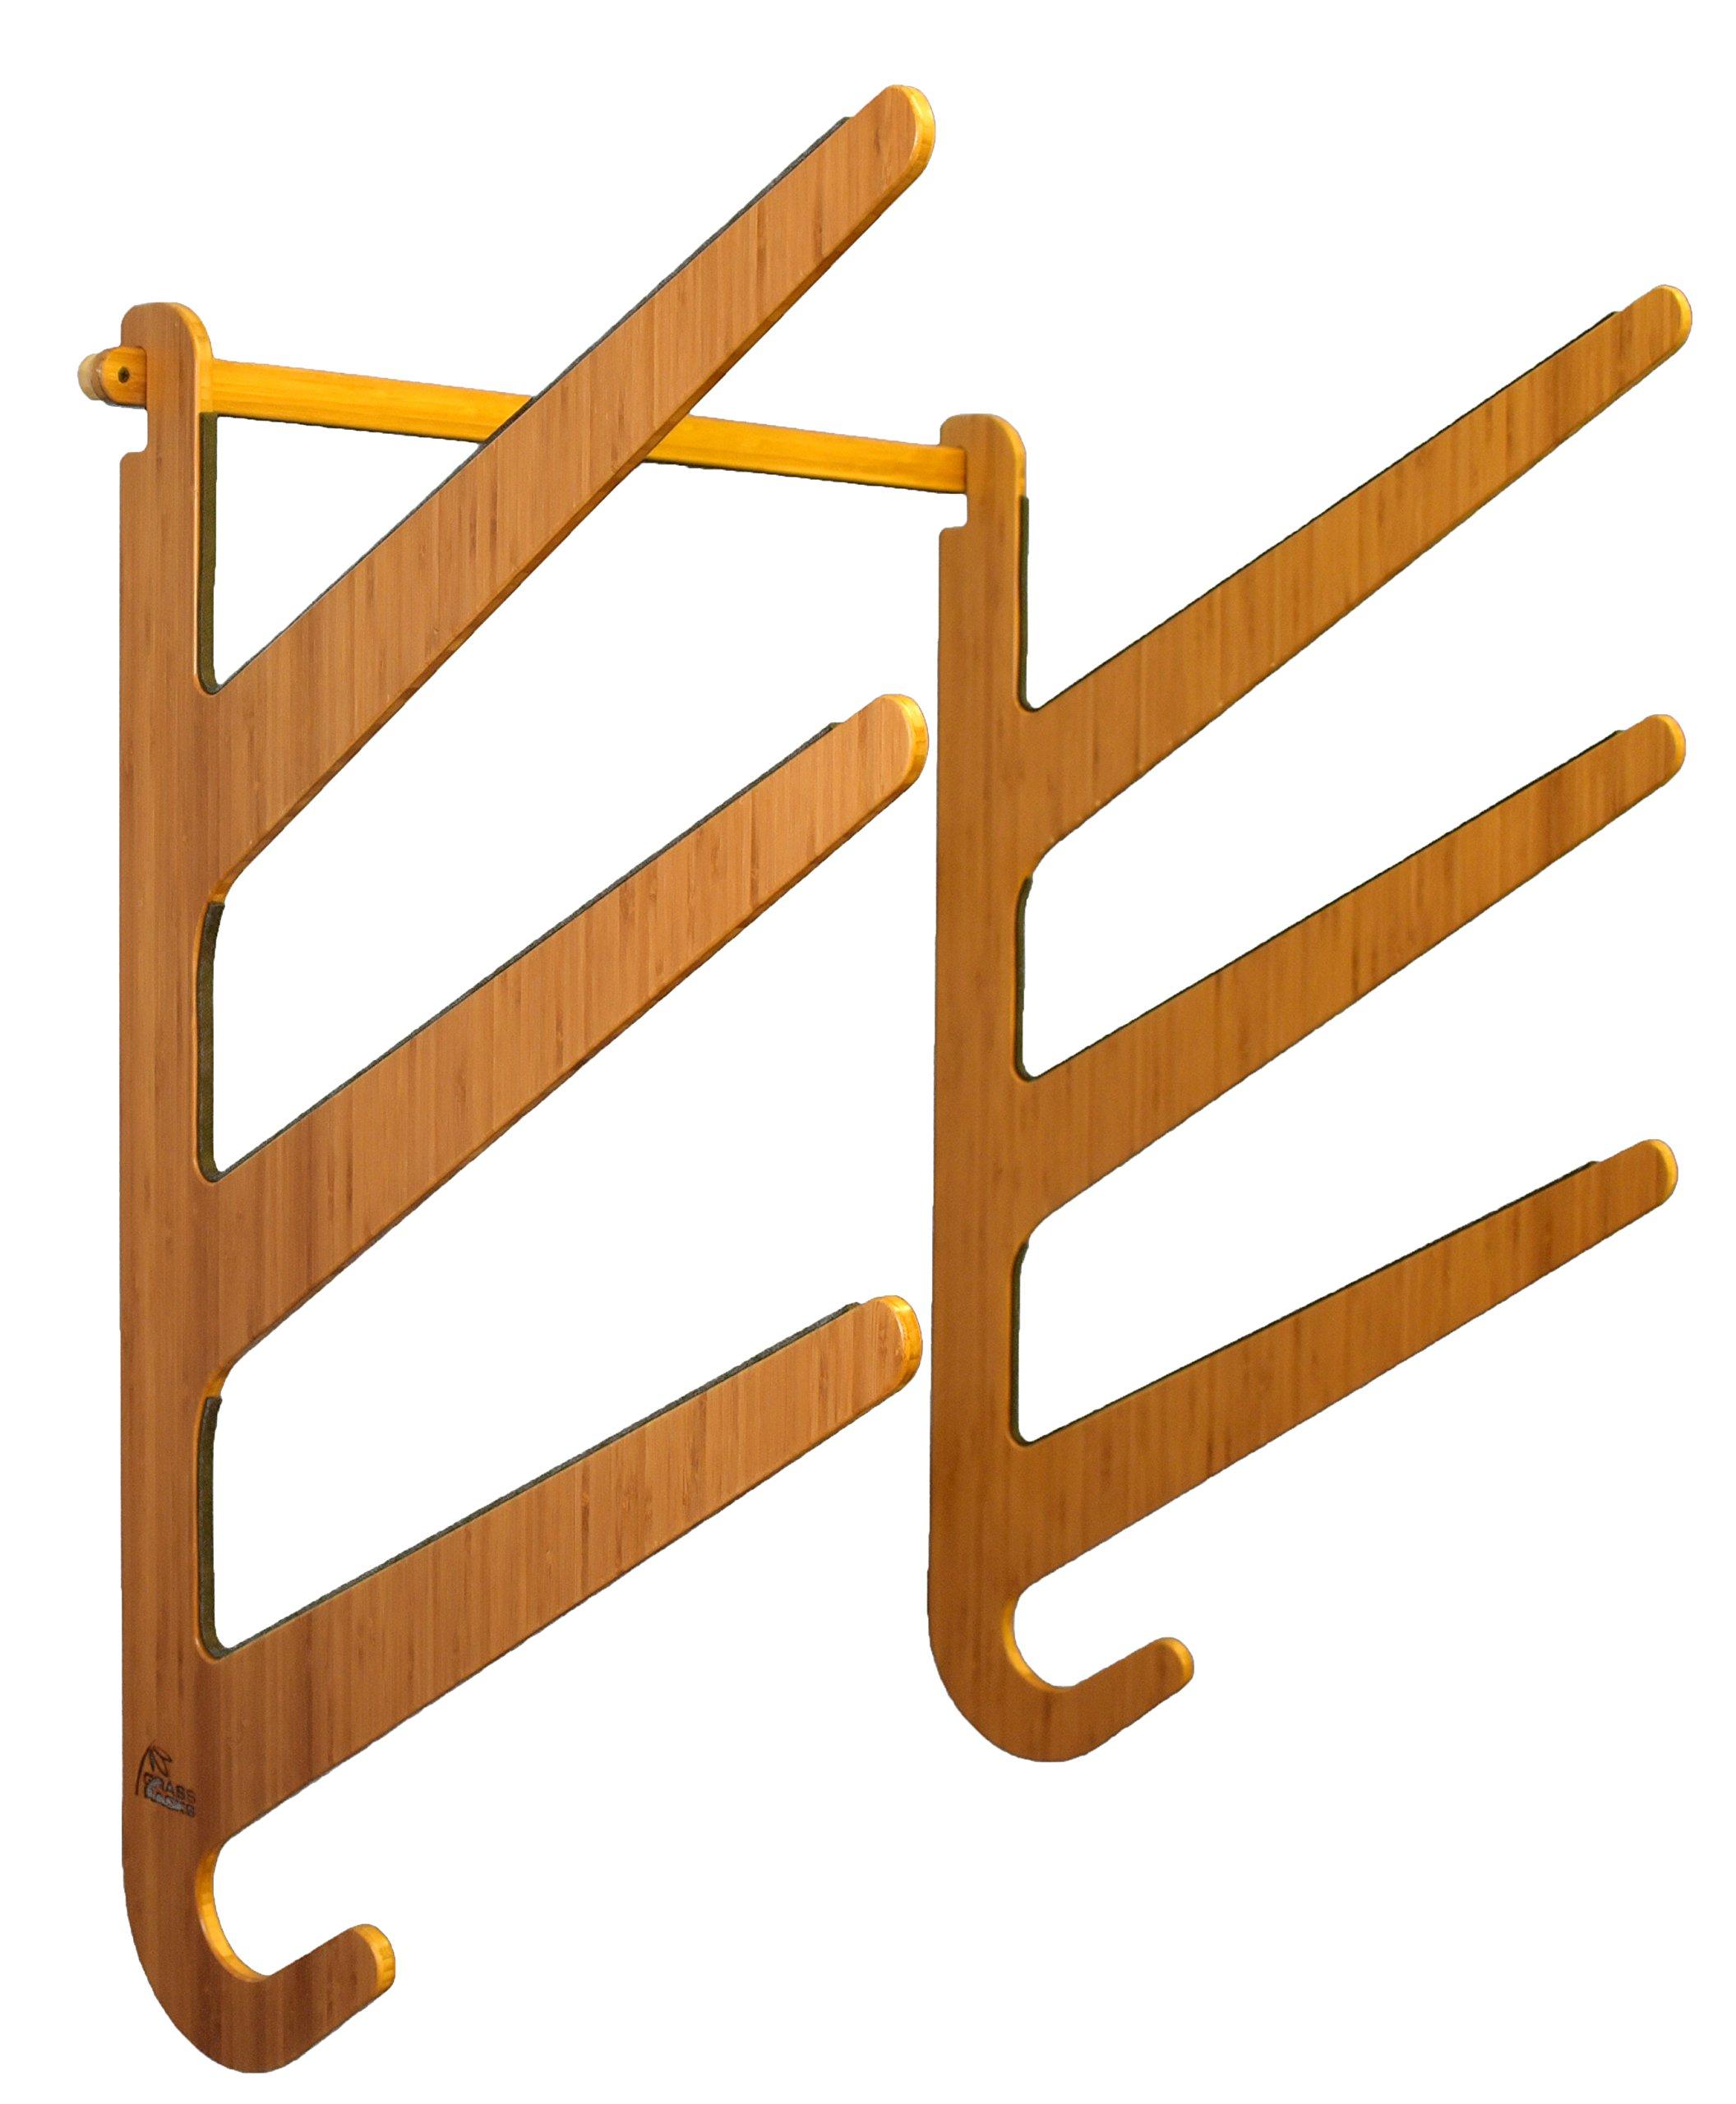 Grassracks Bamboo SUP Rack for 3 Paddleboards or Longboards O'ahu Trip by Grassracks